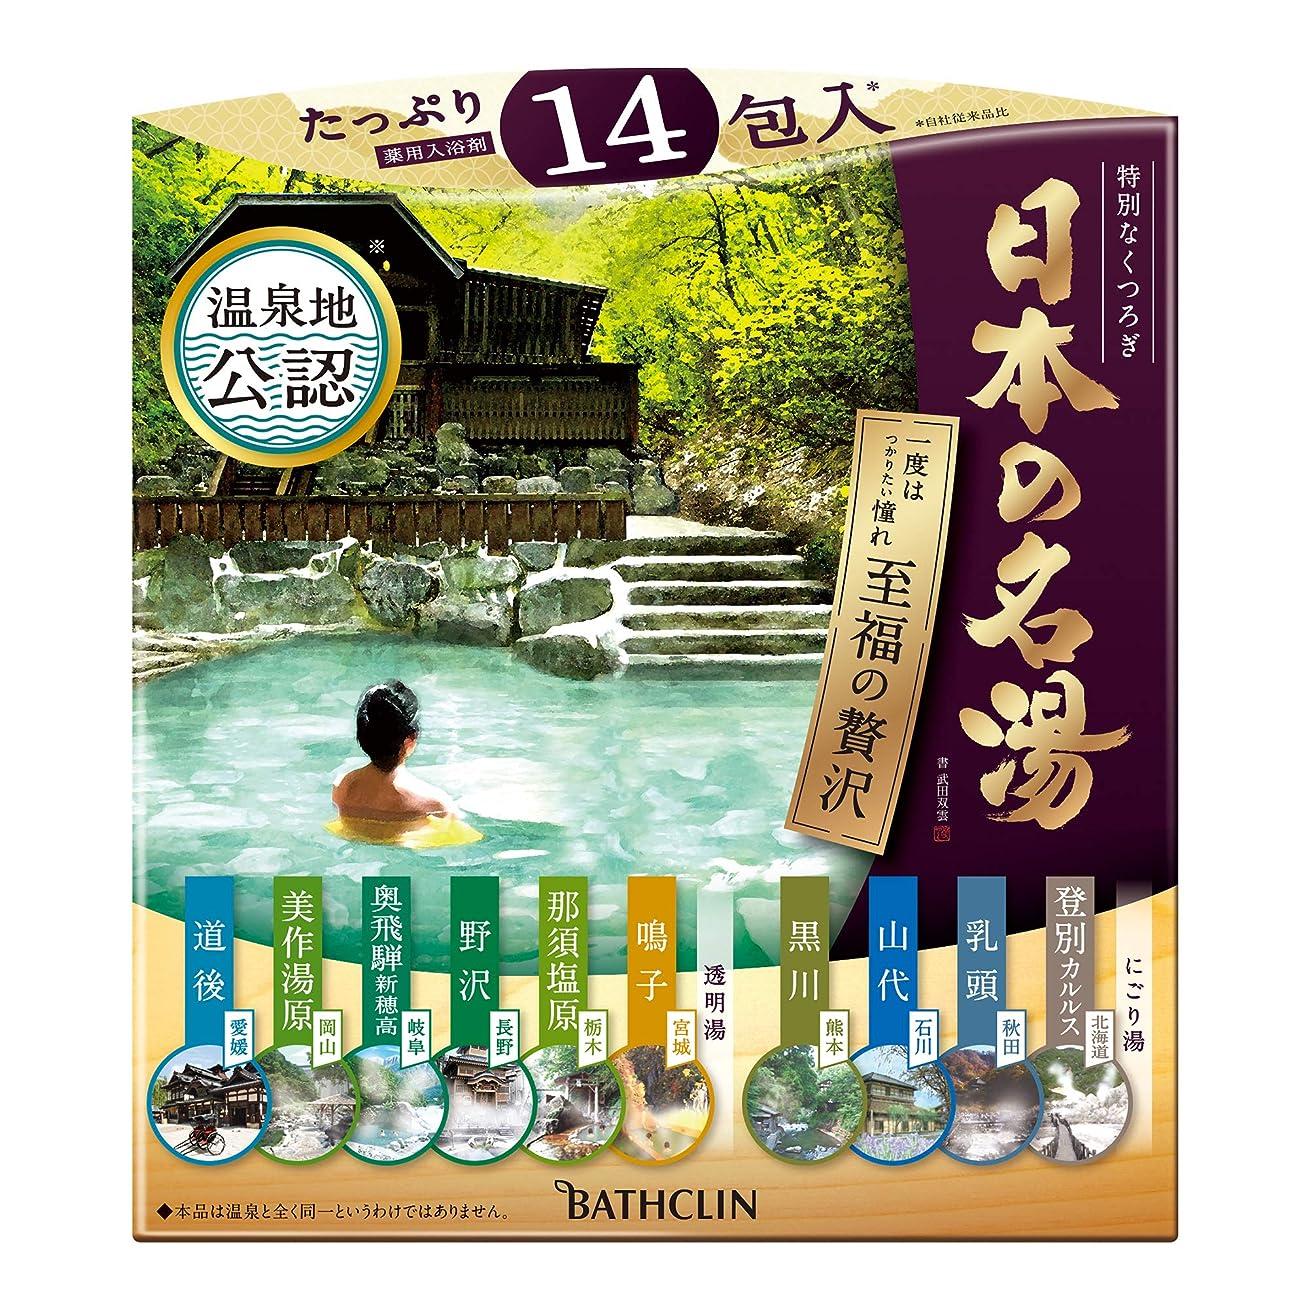 開梱費用前奏曲日本の名湯 至福の贅沢 入浴剤 色と香りで情緒を表現した温泉タイプ入浴剤 セット 30g×14包